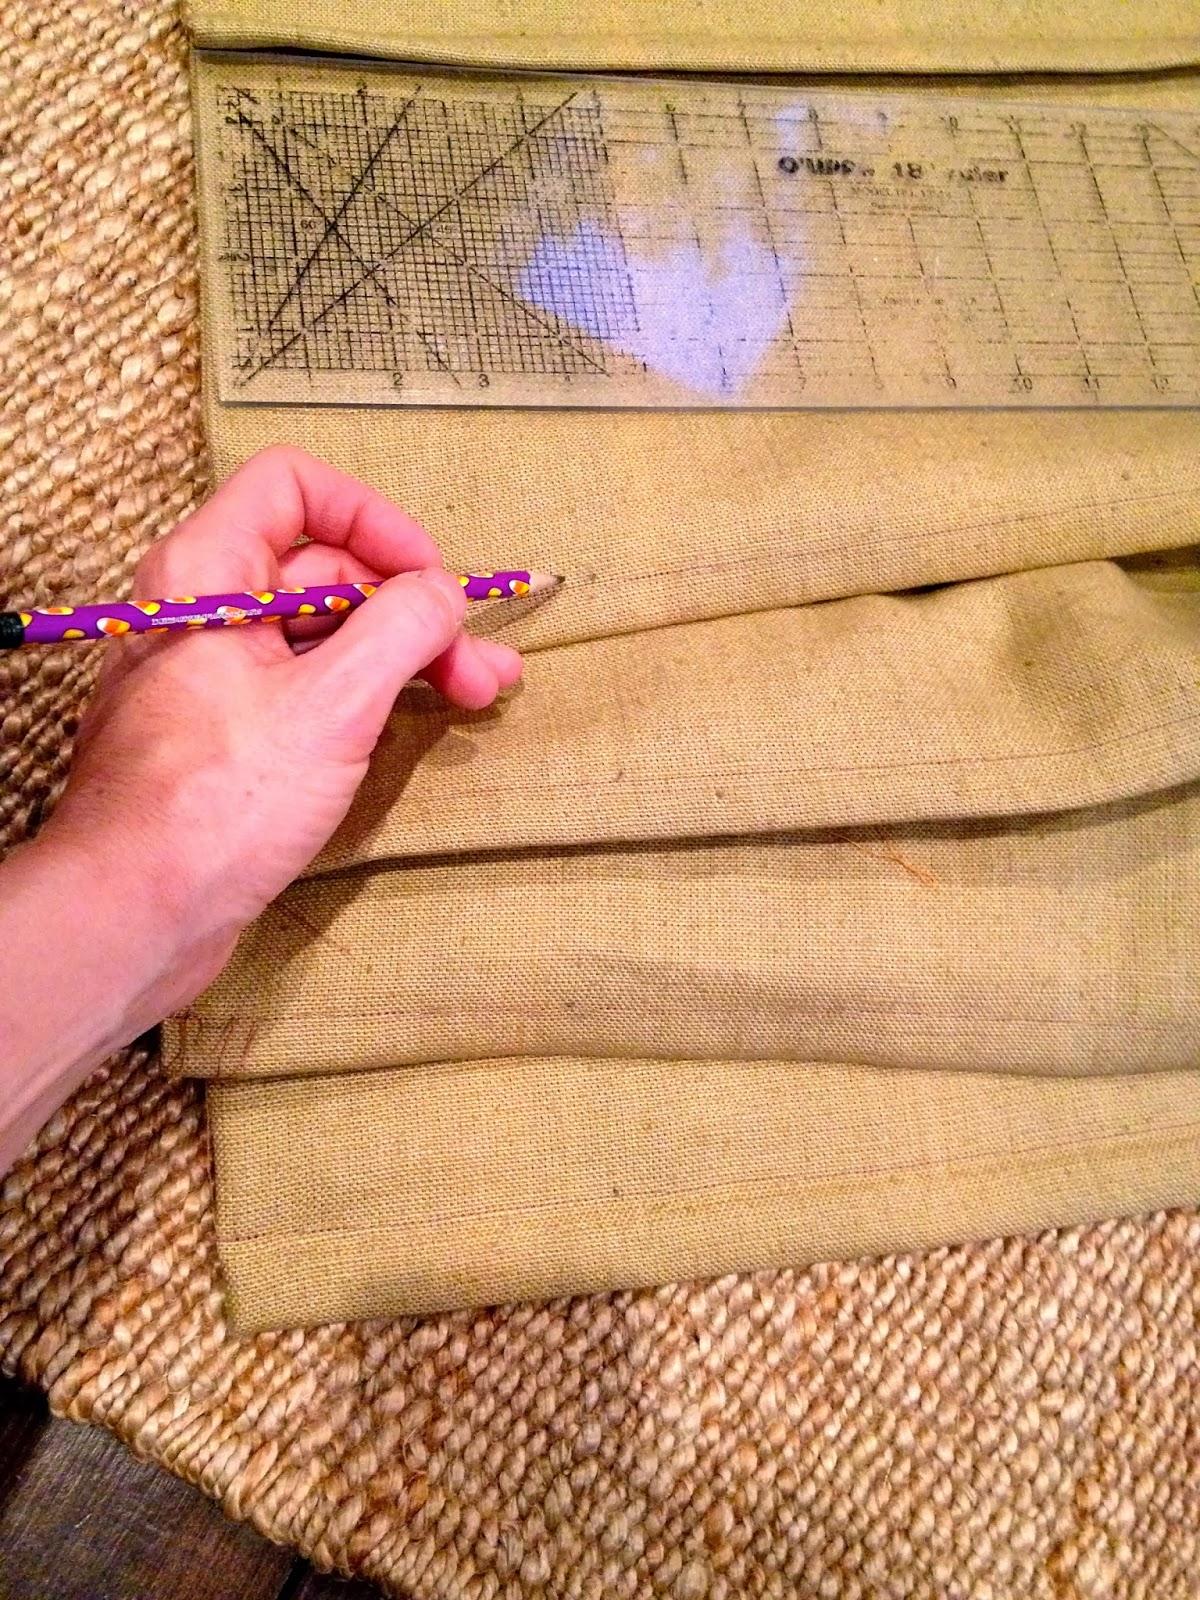 mark back side for string